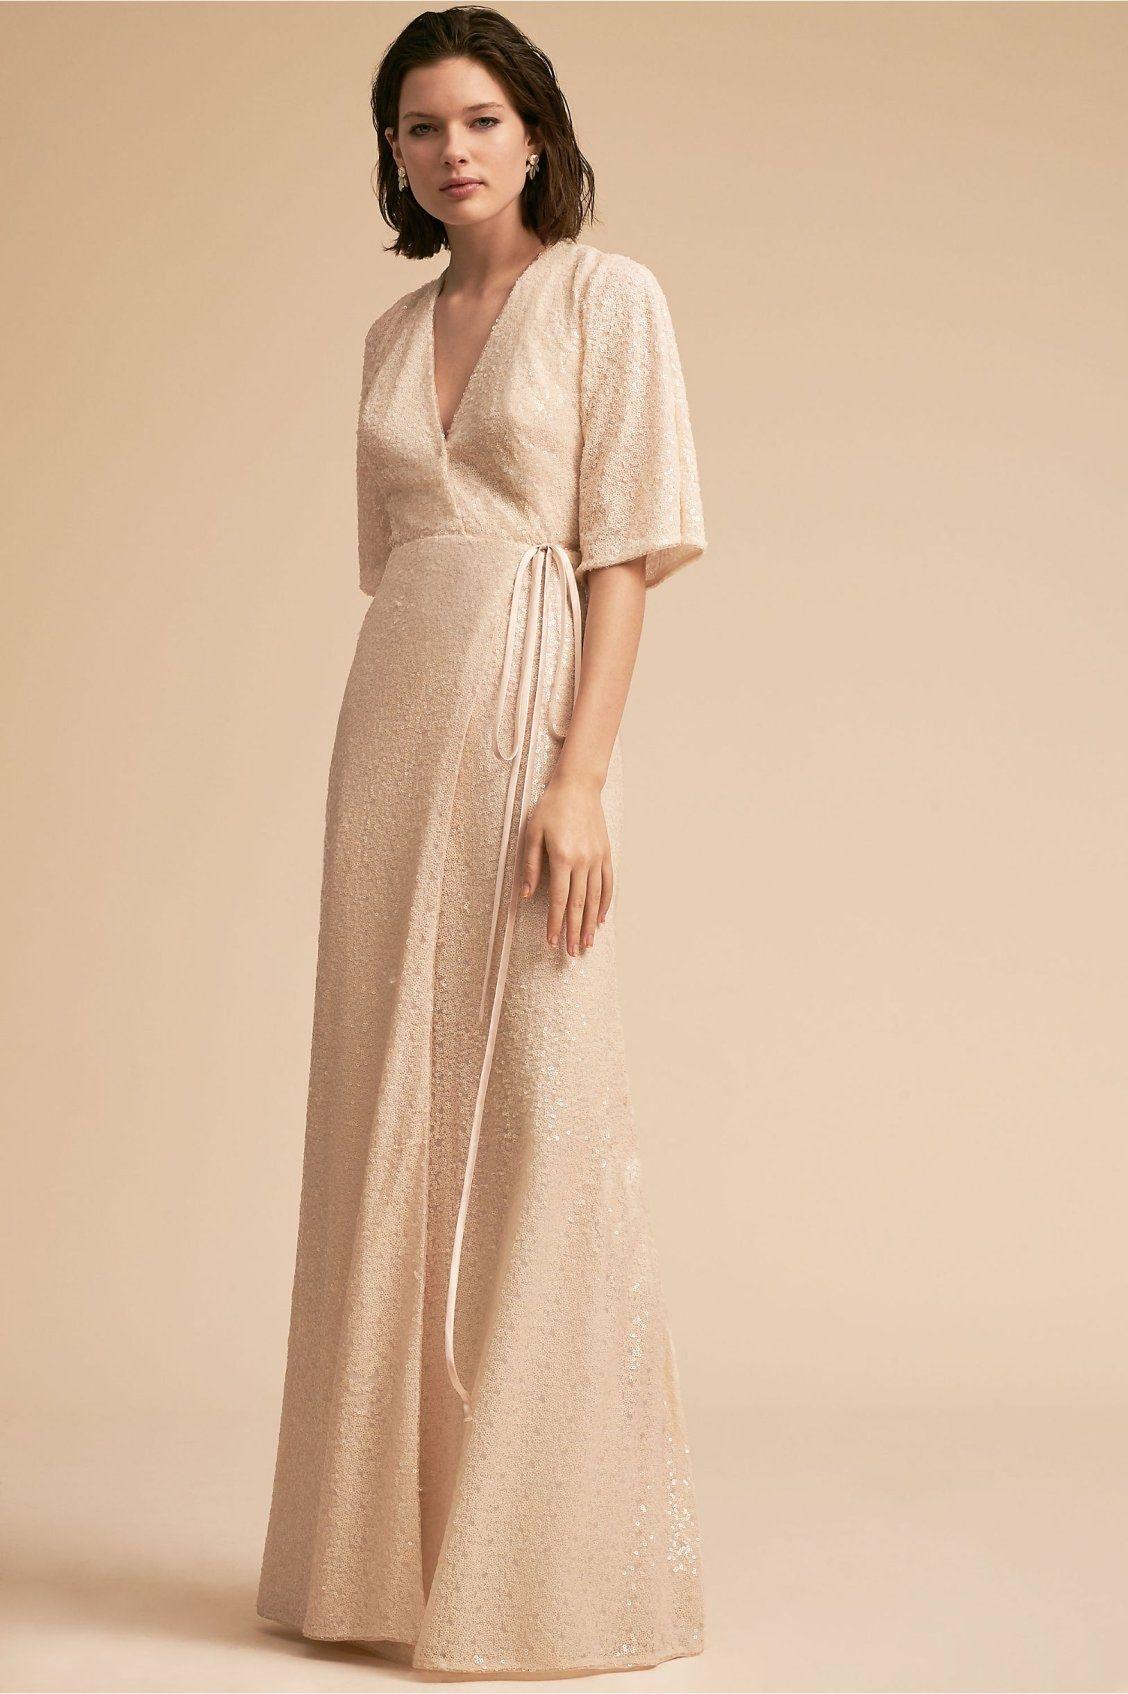 20 Schön Kleider Für Ältere Hochzeitsgäste Vertrieb13 Cool Kleider Für Ältere Hochzeitsgäste Stylish